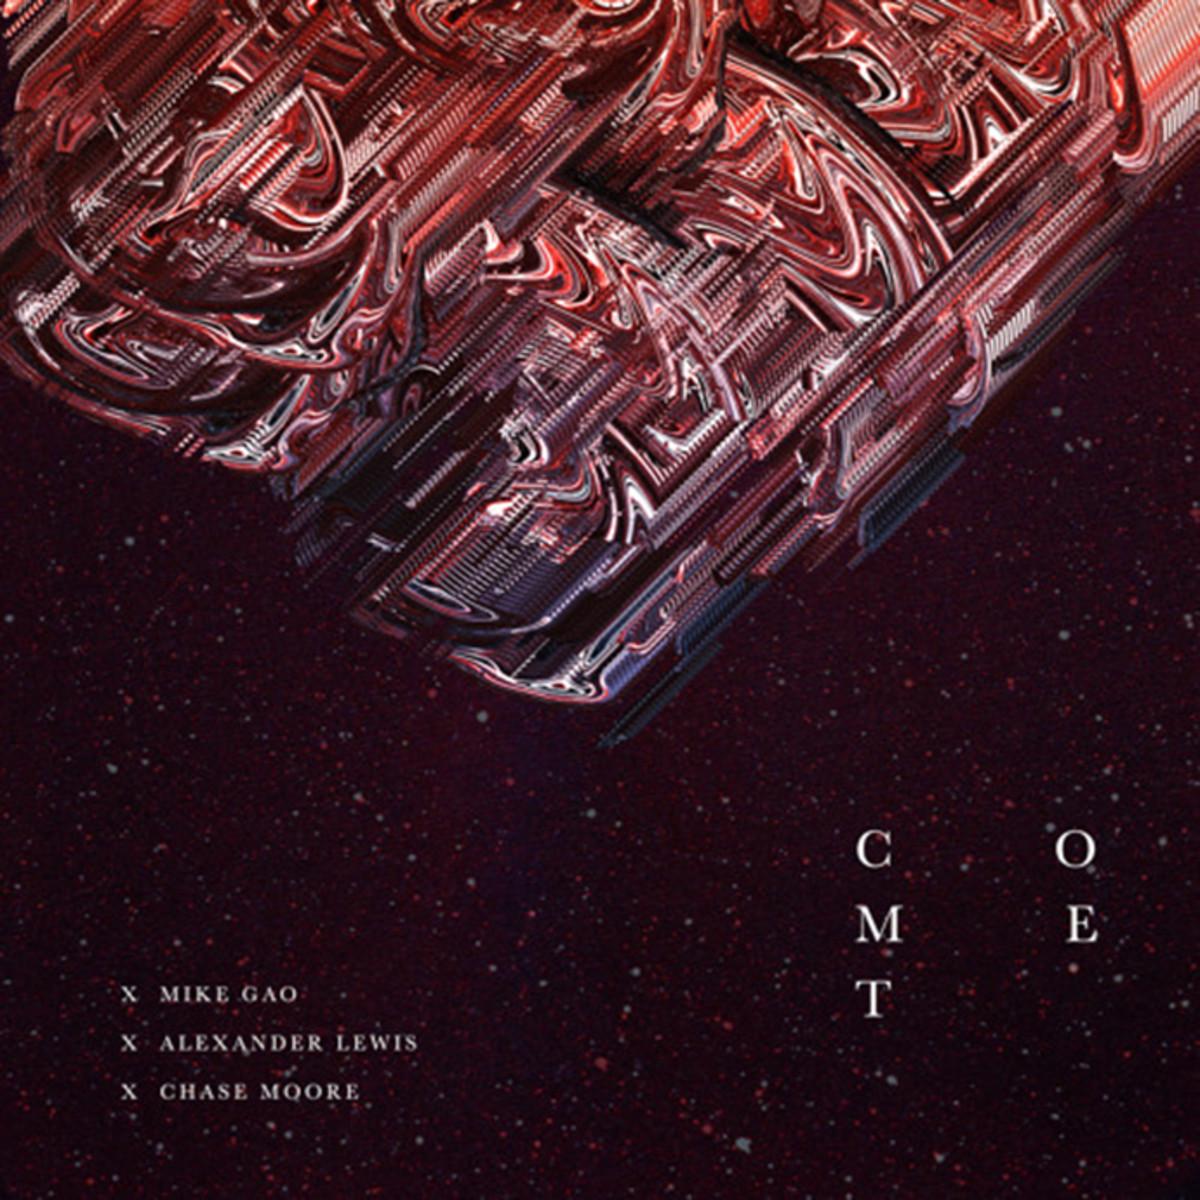 Mike Gao Comet